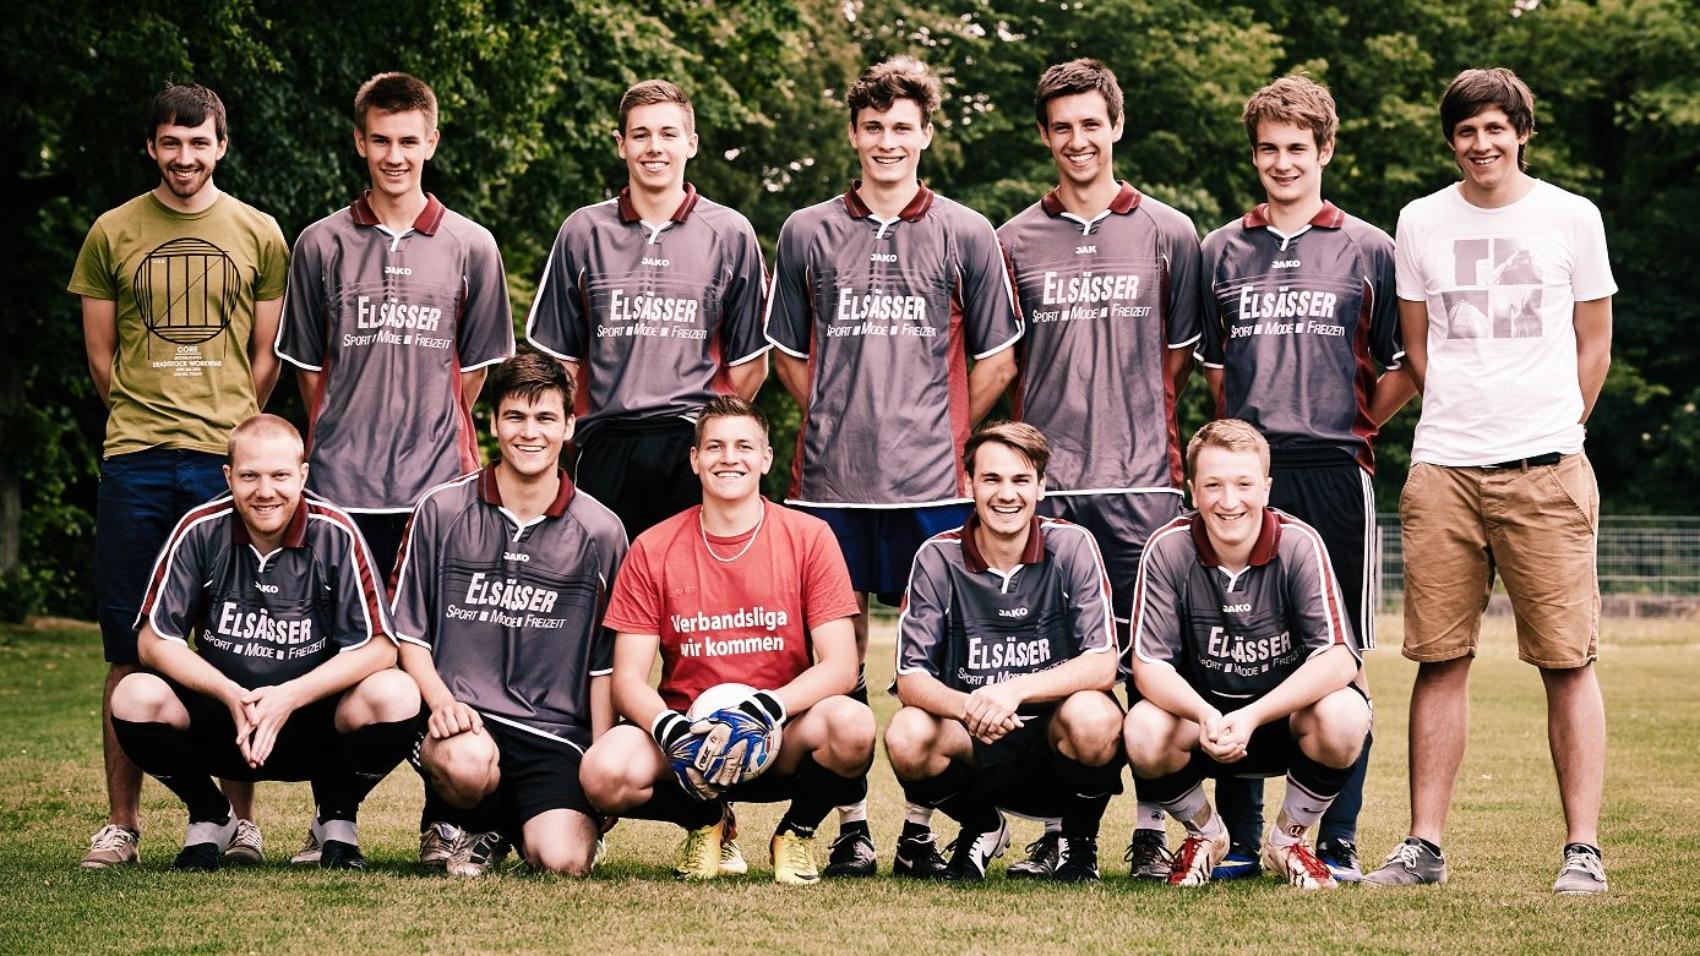 cvjmeisingen_website_fussball